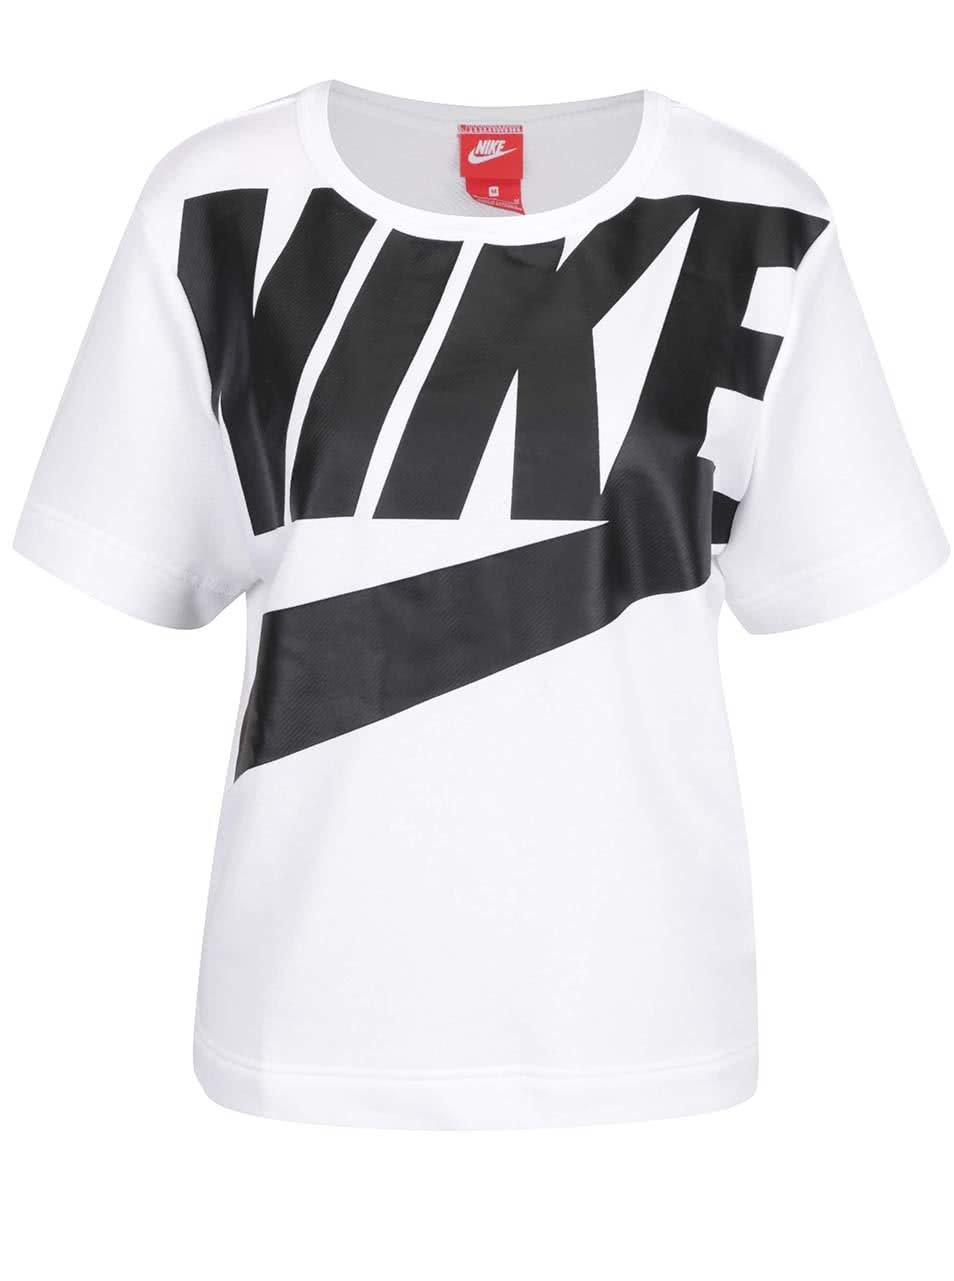 Bílé dámské tričko s černým potiskem Nike